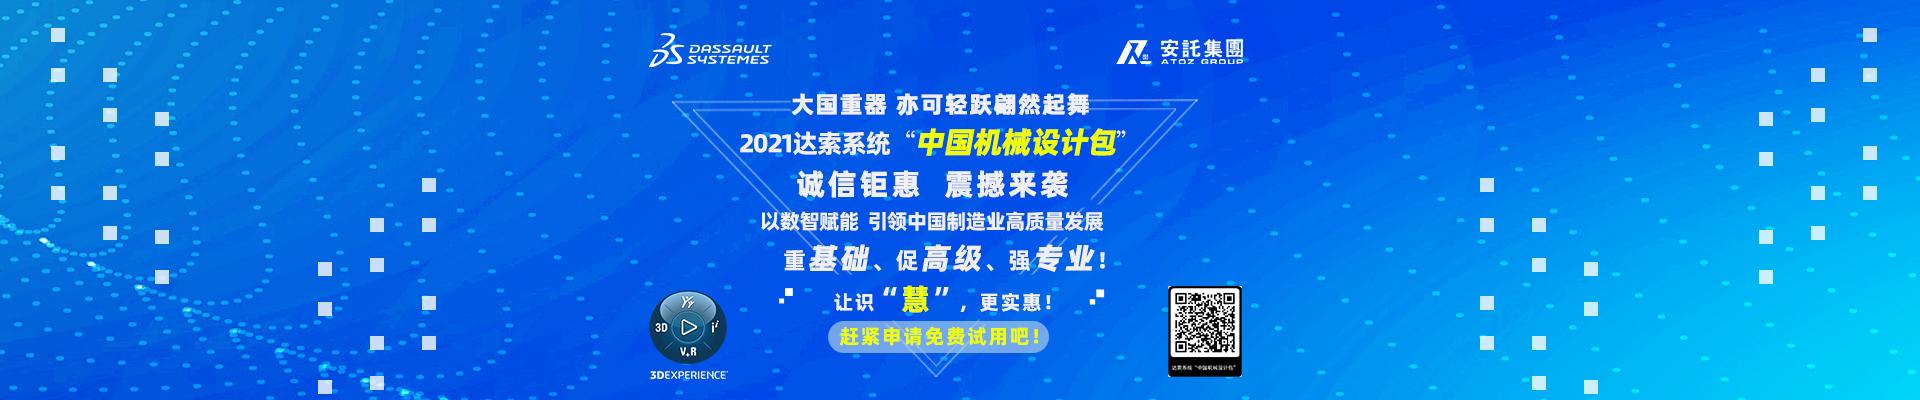 上海安托8.12